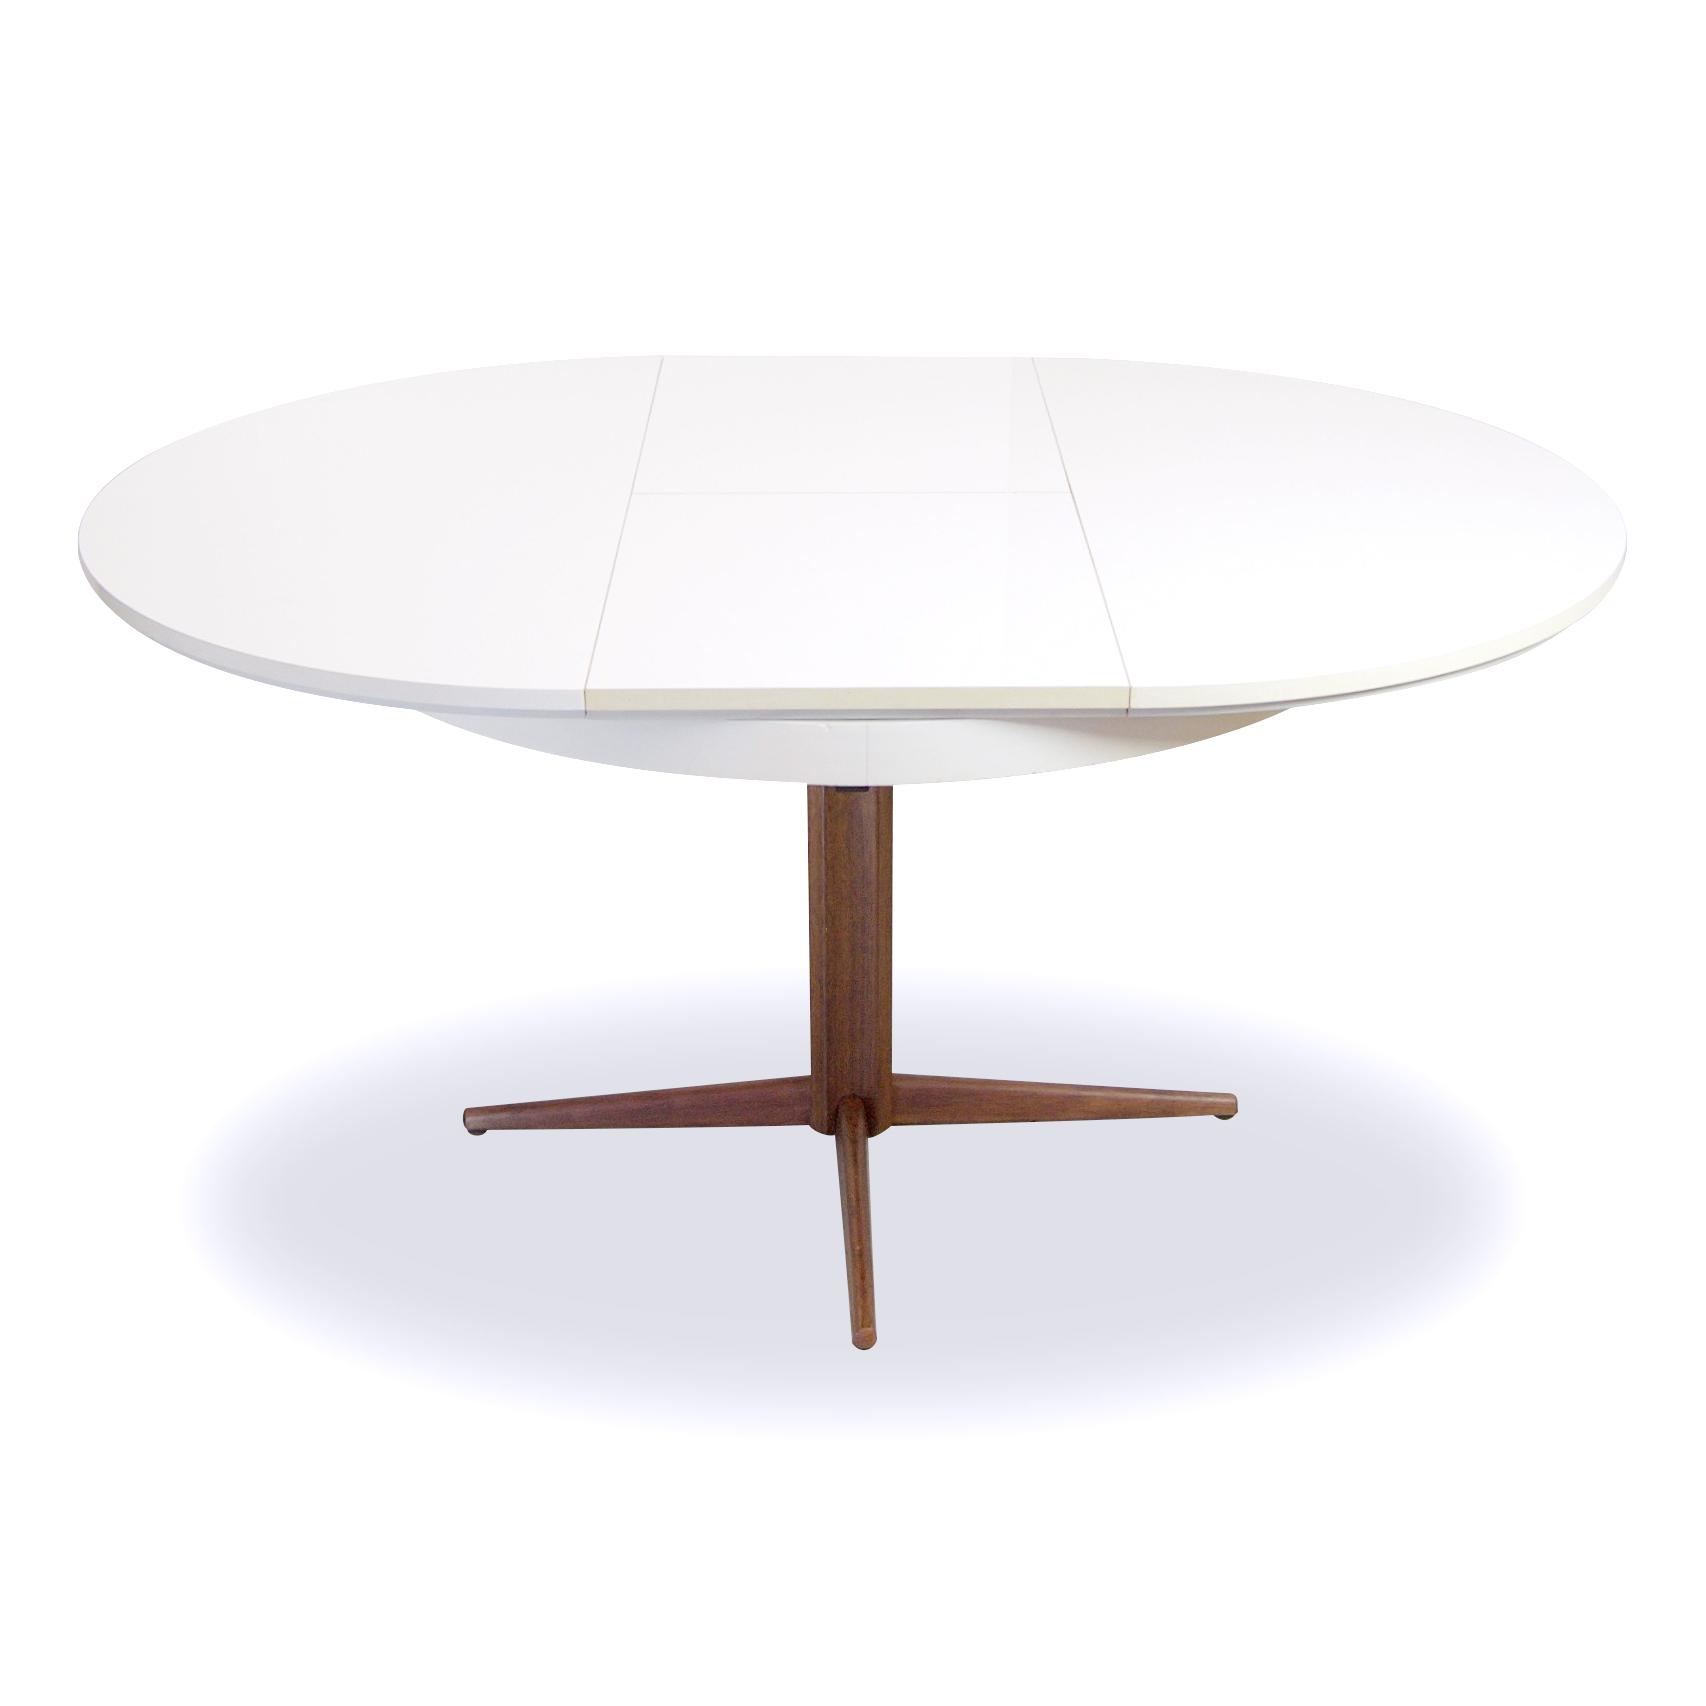 Ronde Tafel Scandinavisch Design.Deens Design Ronde Eettafel Op Sterpoot Met Uitschuifbaar Blad